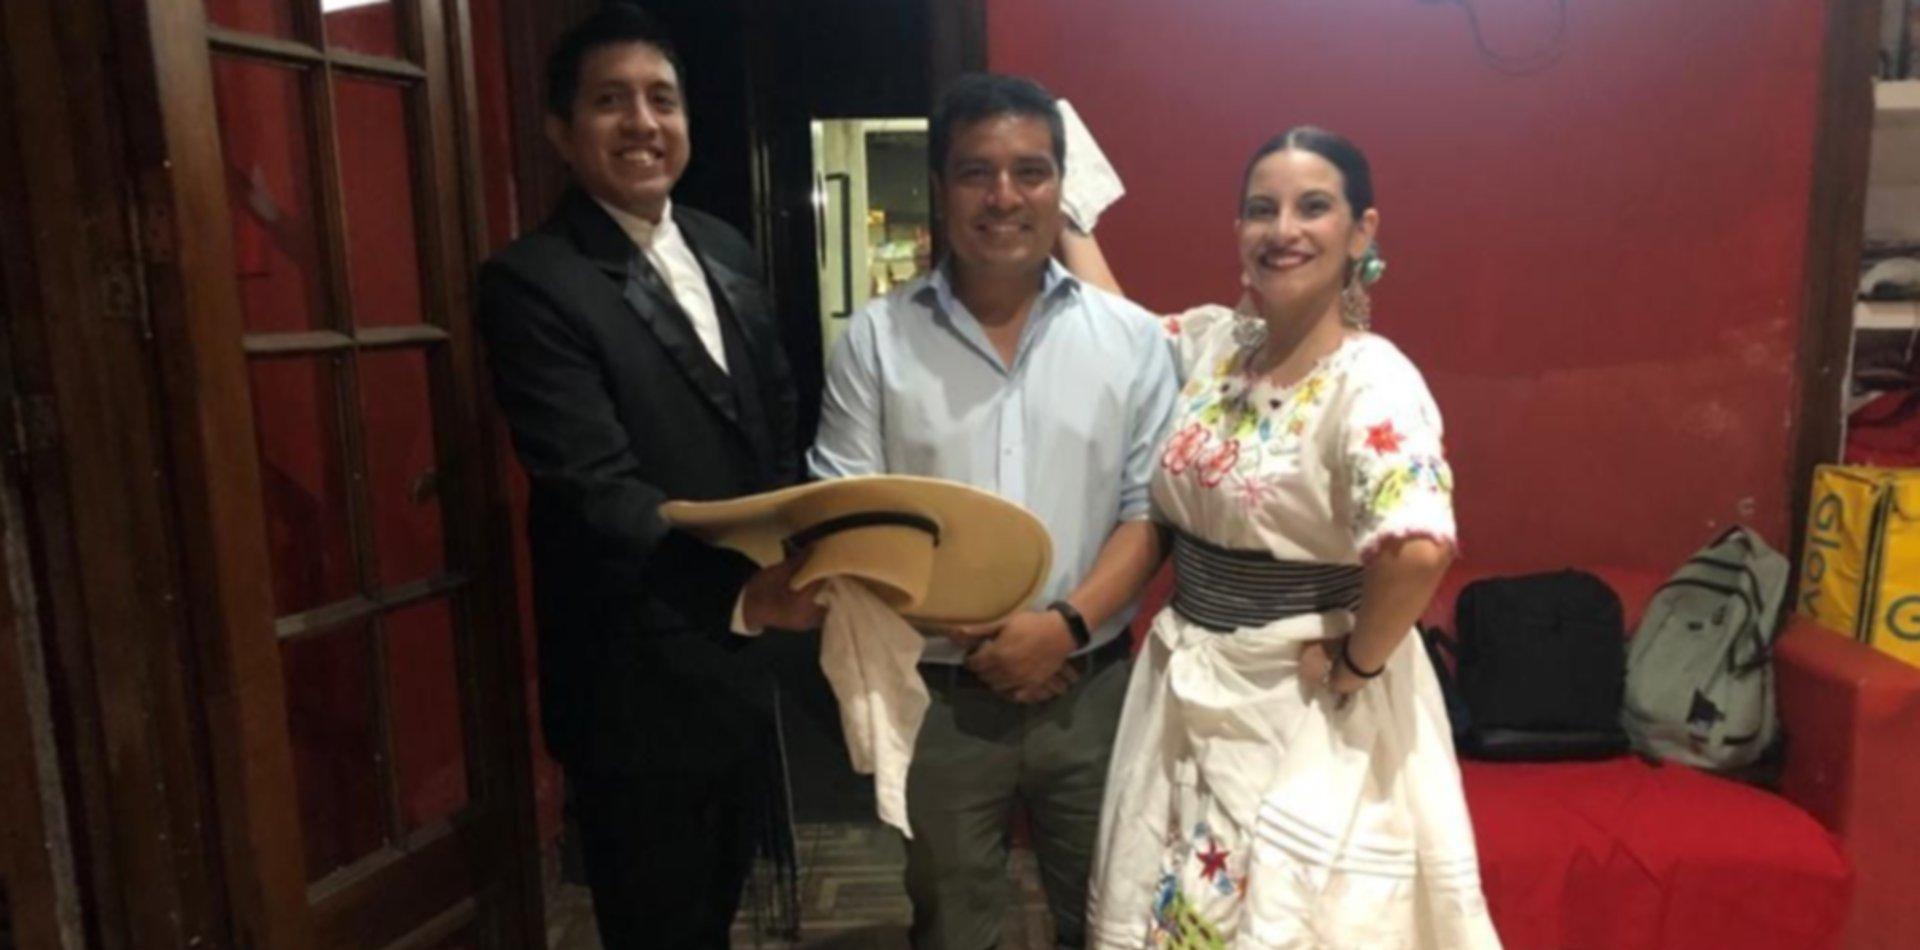 Vive en La Plata y se postula para el Congreso por los peruanos que viven en el exterior